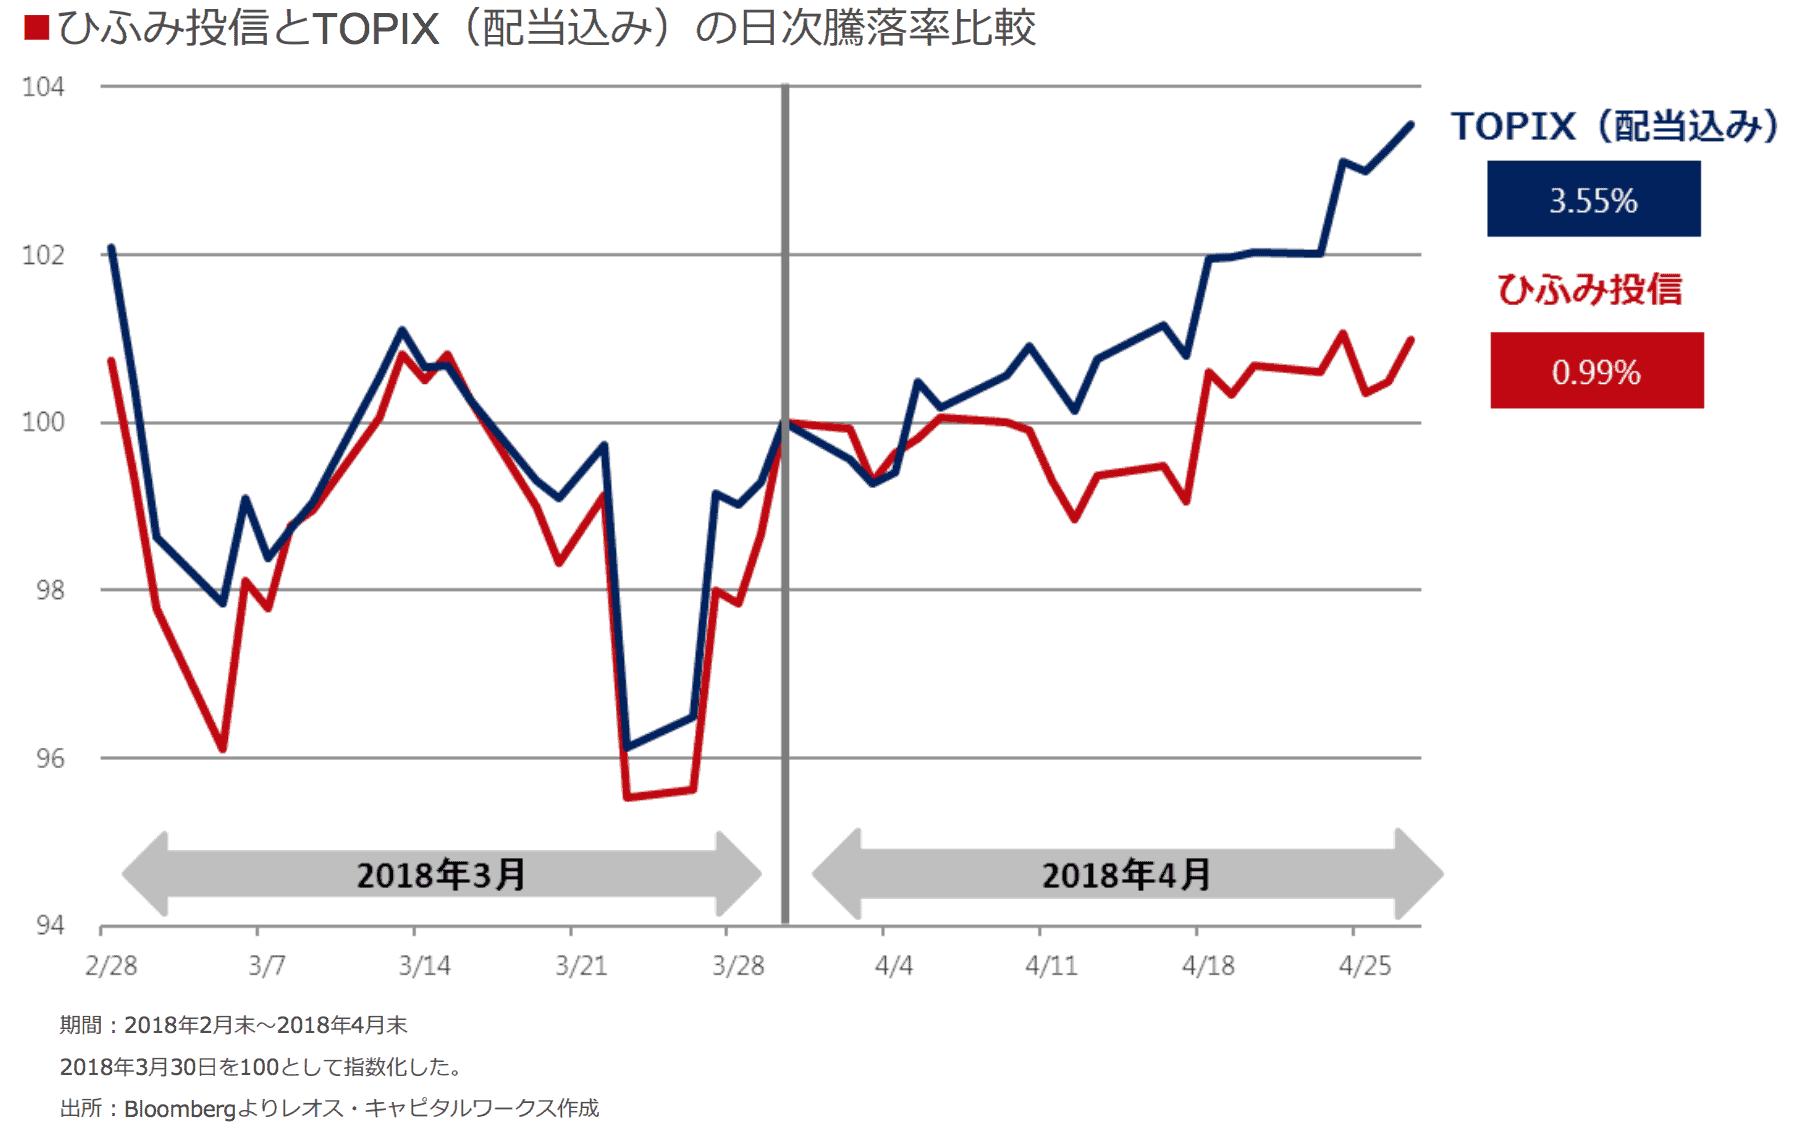 ひふみとTOPIXのパフォーマンス比較(2018年4月)